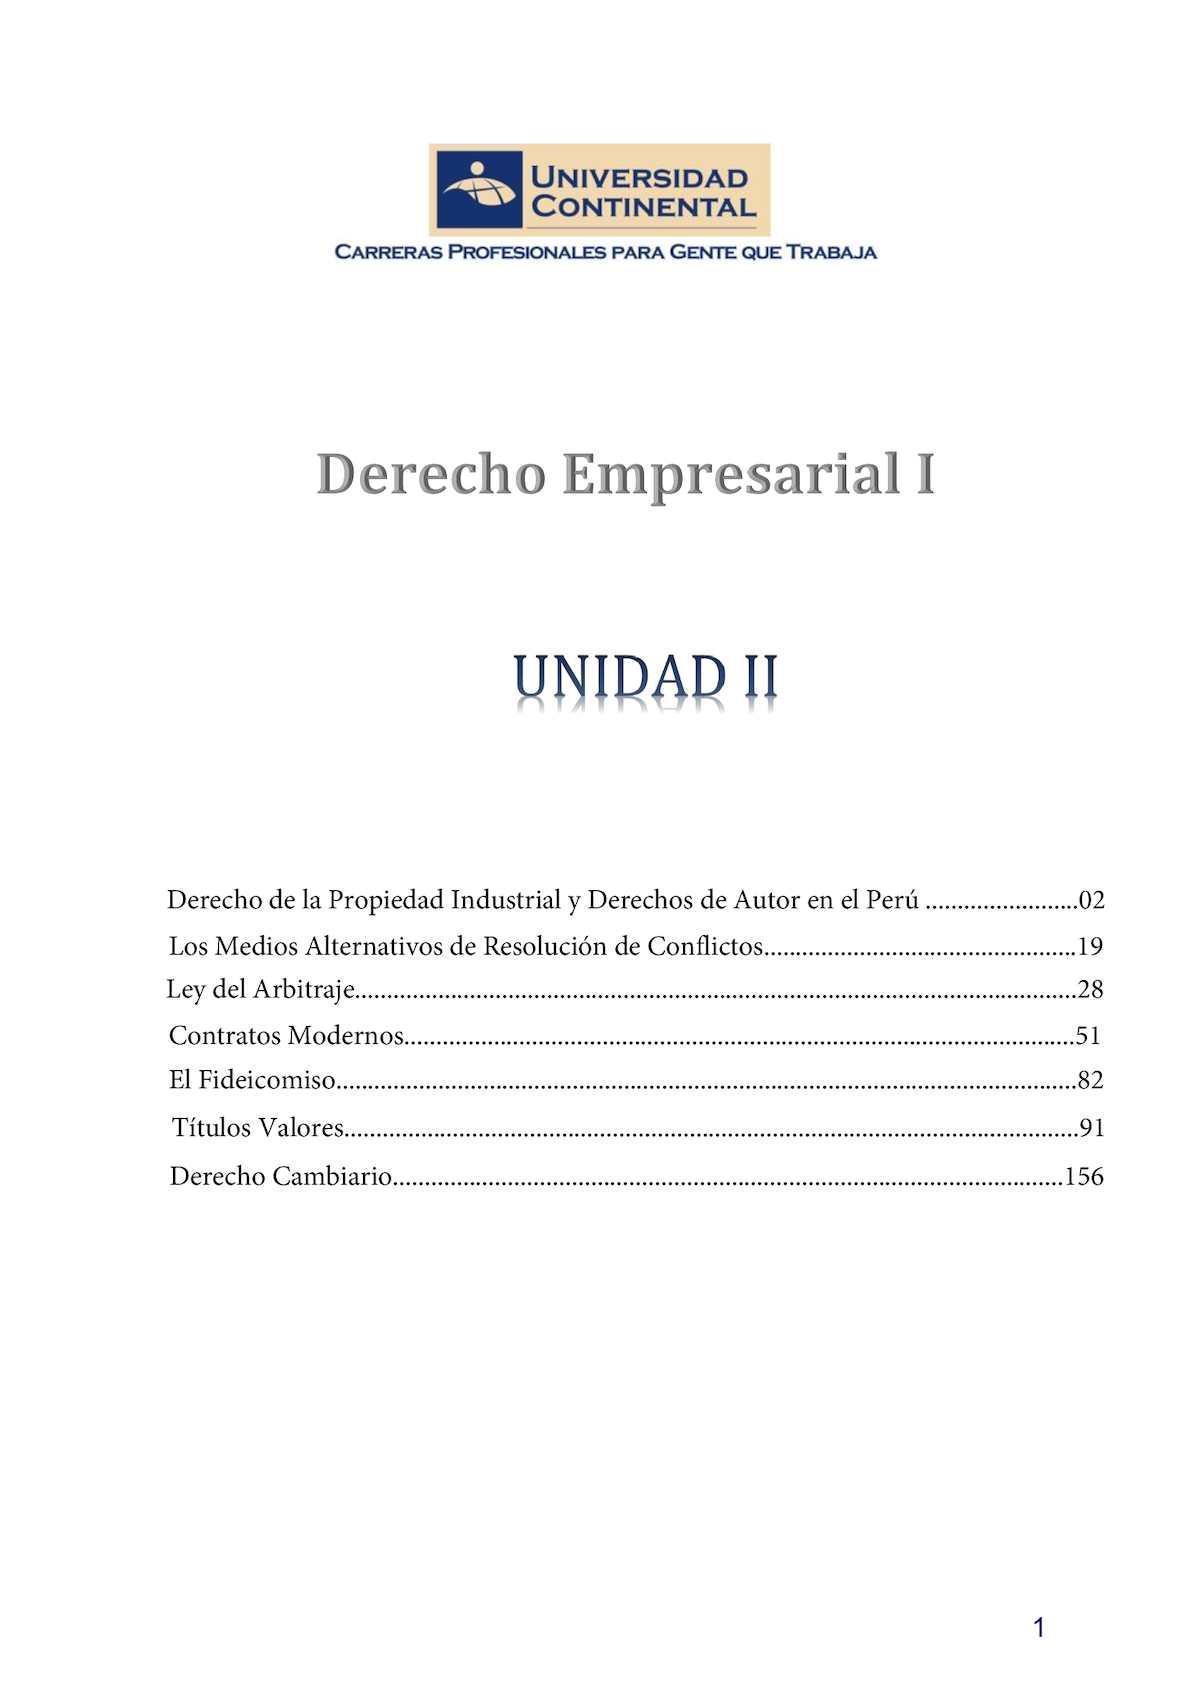 Calaméo - 2 TEXTO DE DERECHO EMPRESARIAL I